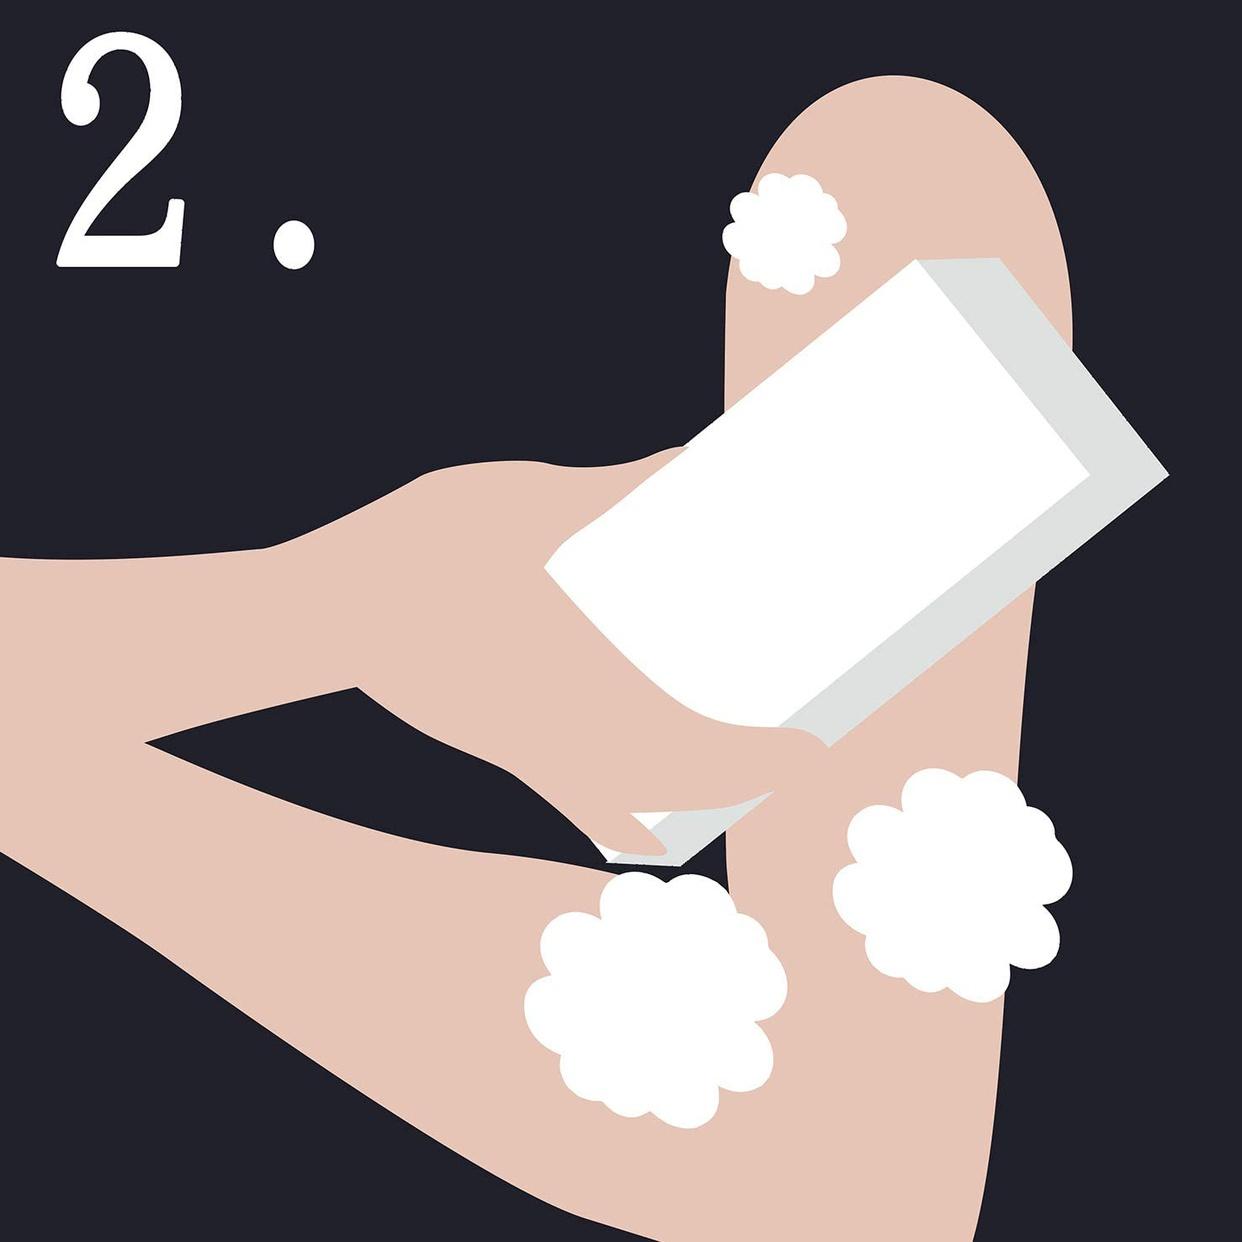 ペリカン石鹸(PELICAN SOAP) 二の腕ザラザラを洗う重曹石けんの商品画像4